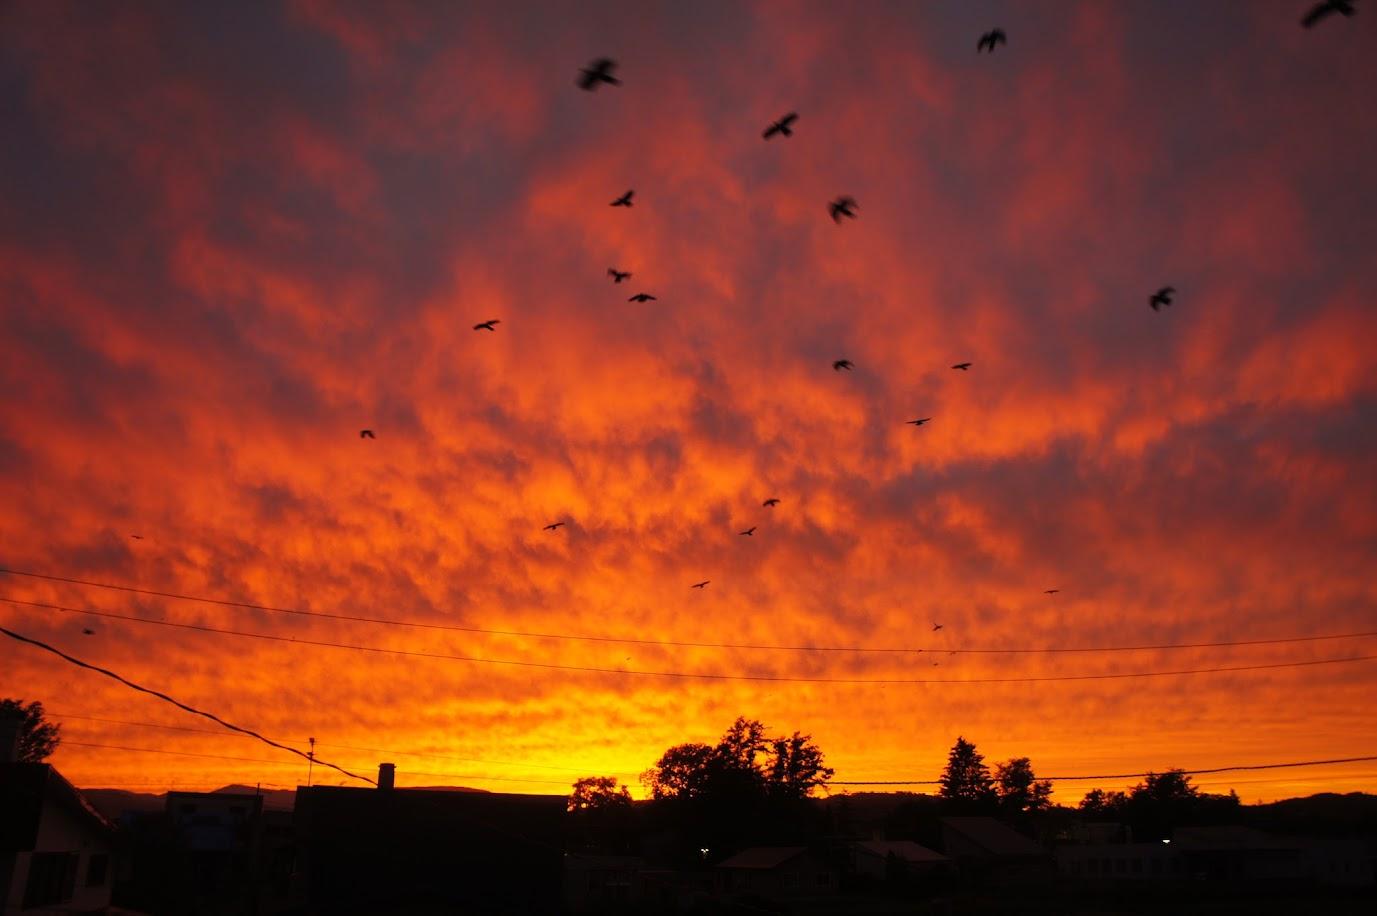 秋 燃える夕日